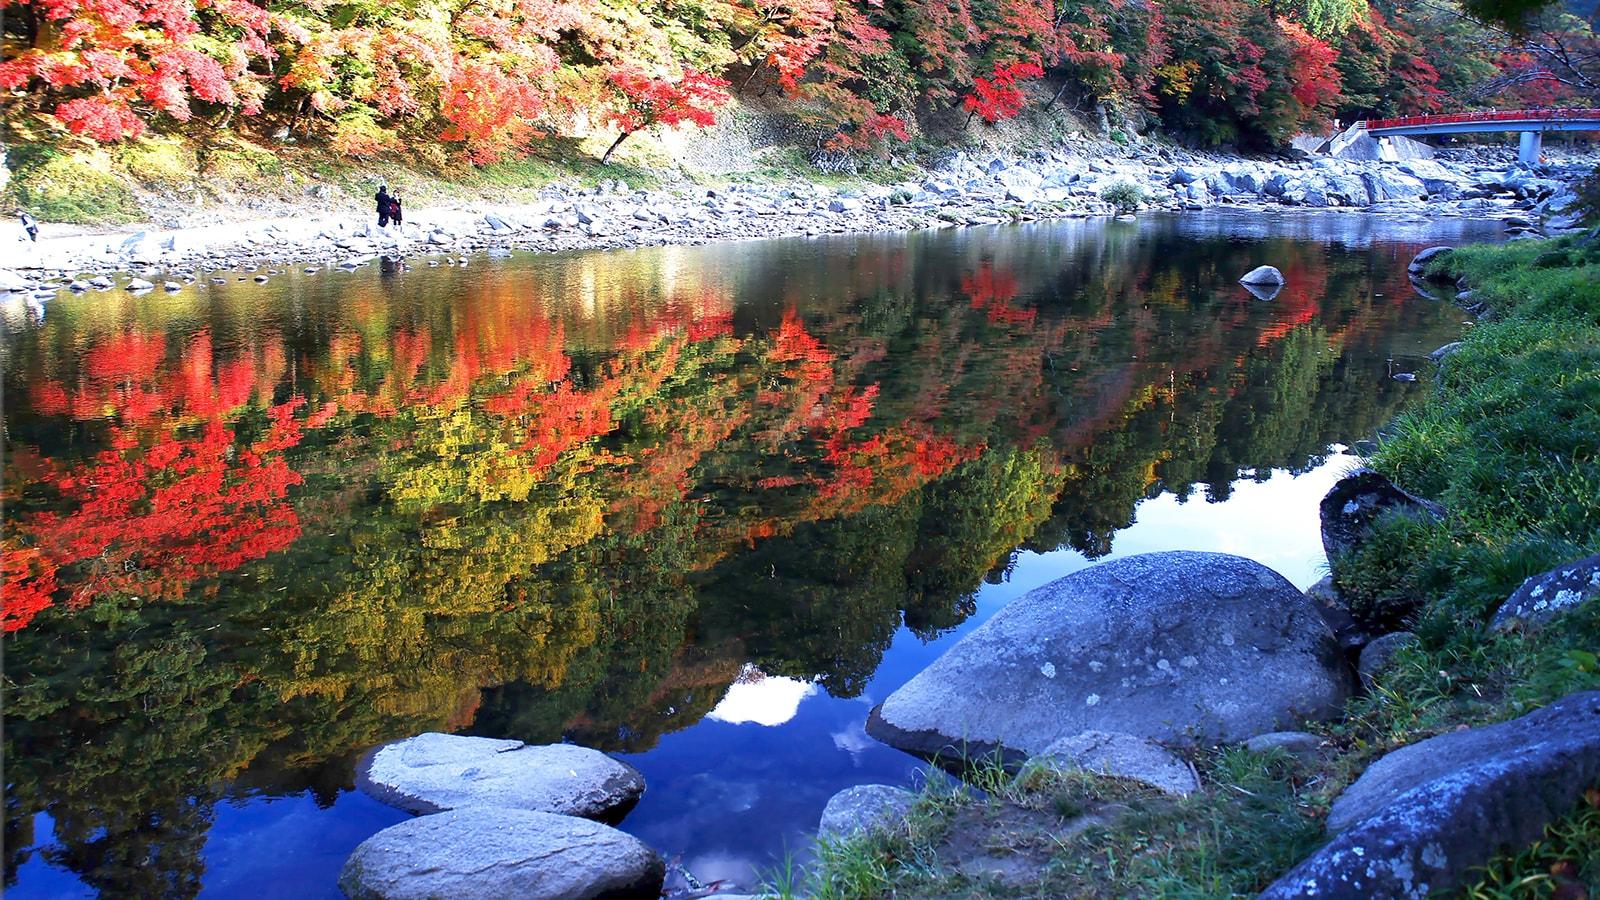 東海地方随一の紅葉スポット香嵐渓の絶景 - -愛知県豊田市にある観光、撮影スポット- -